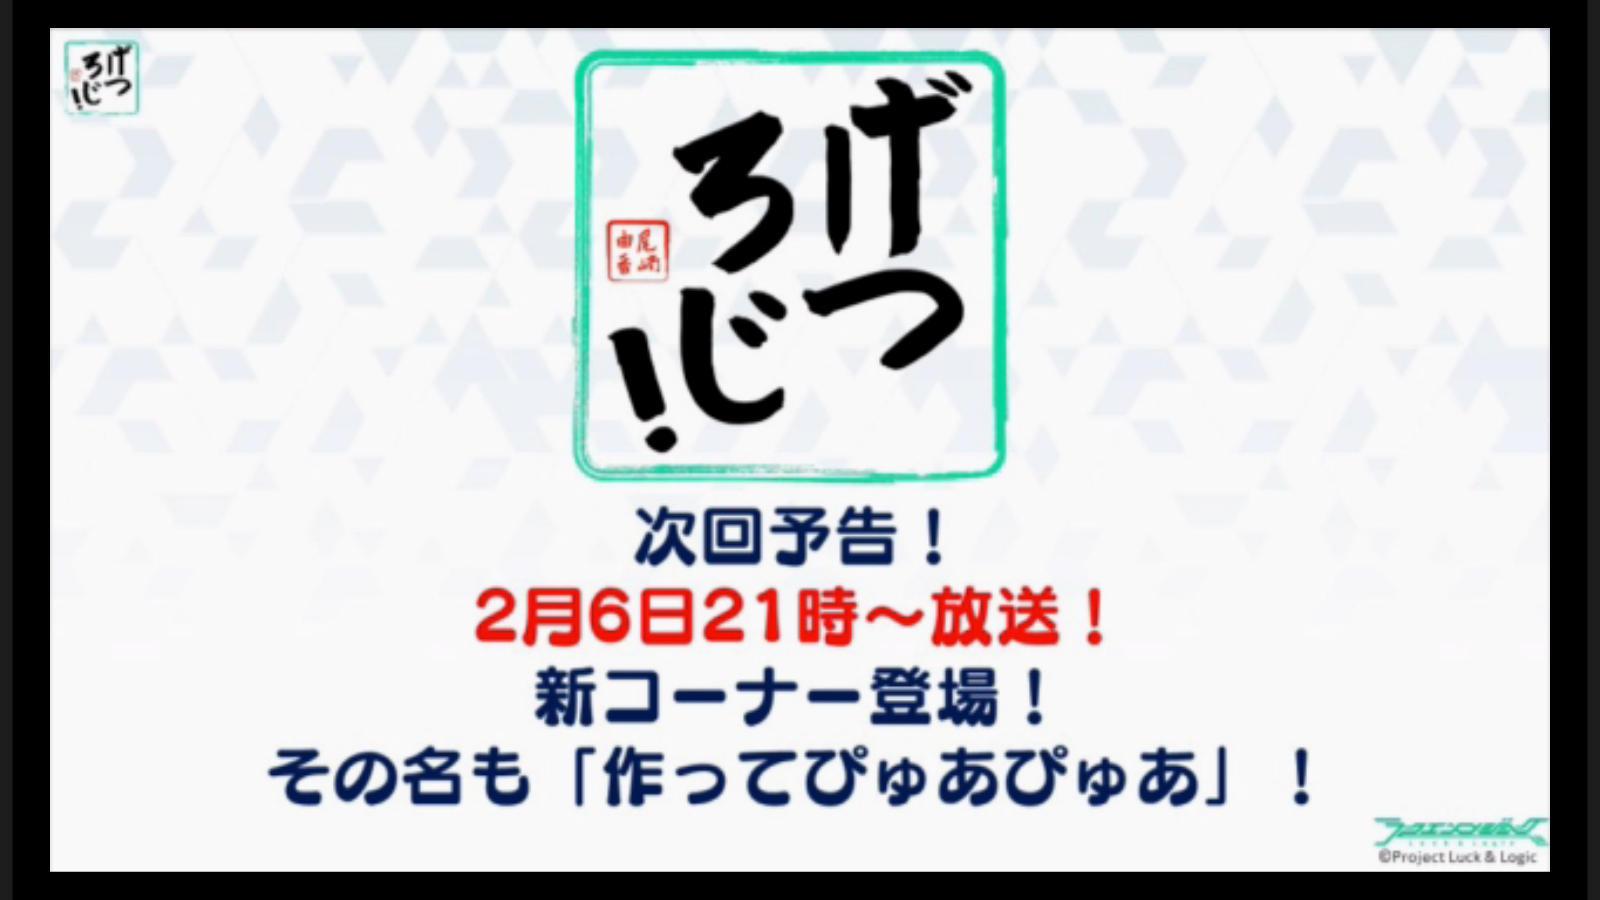 bshi-live-170123-023.jpg